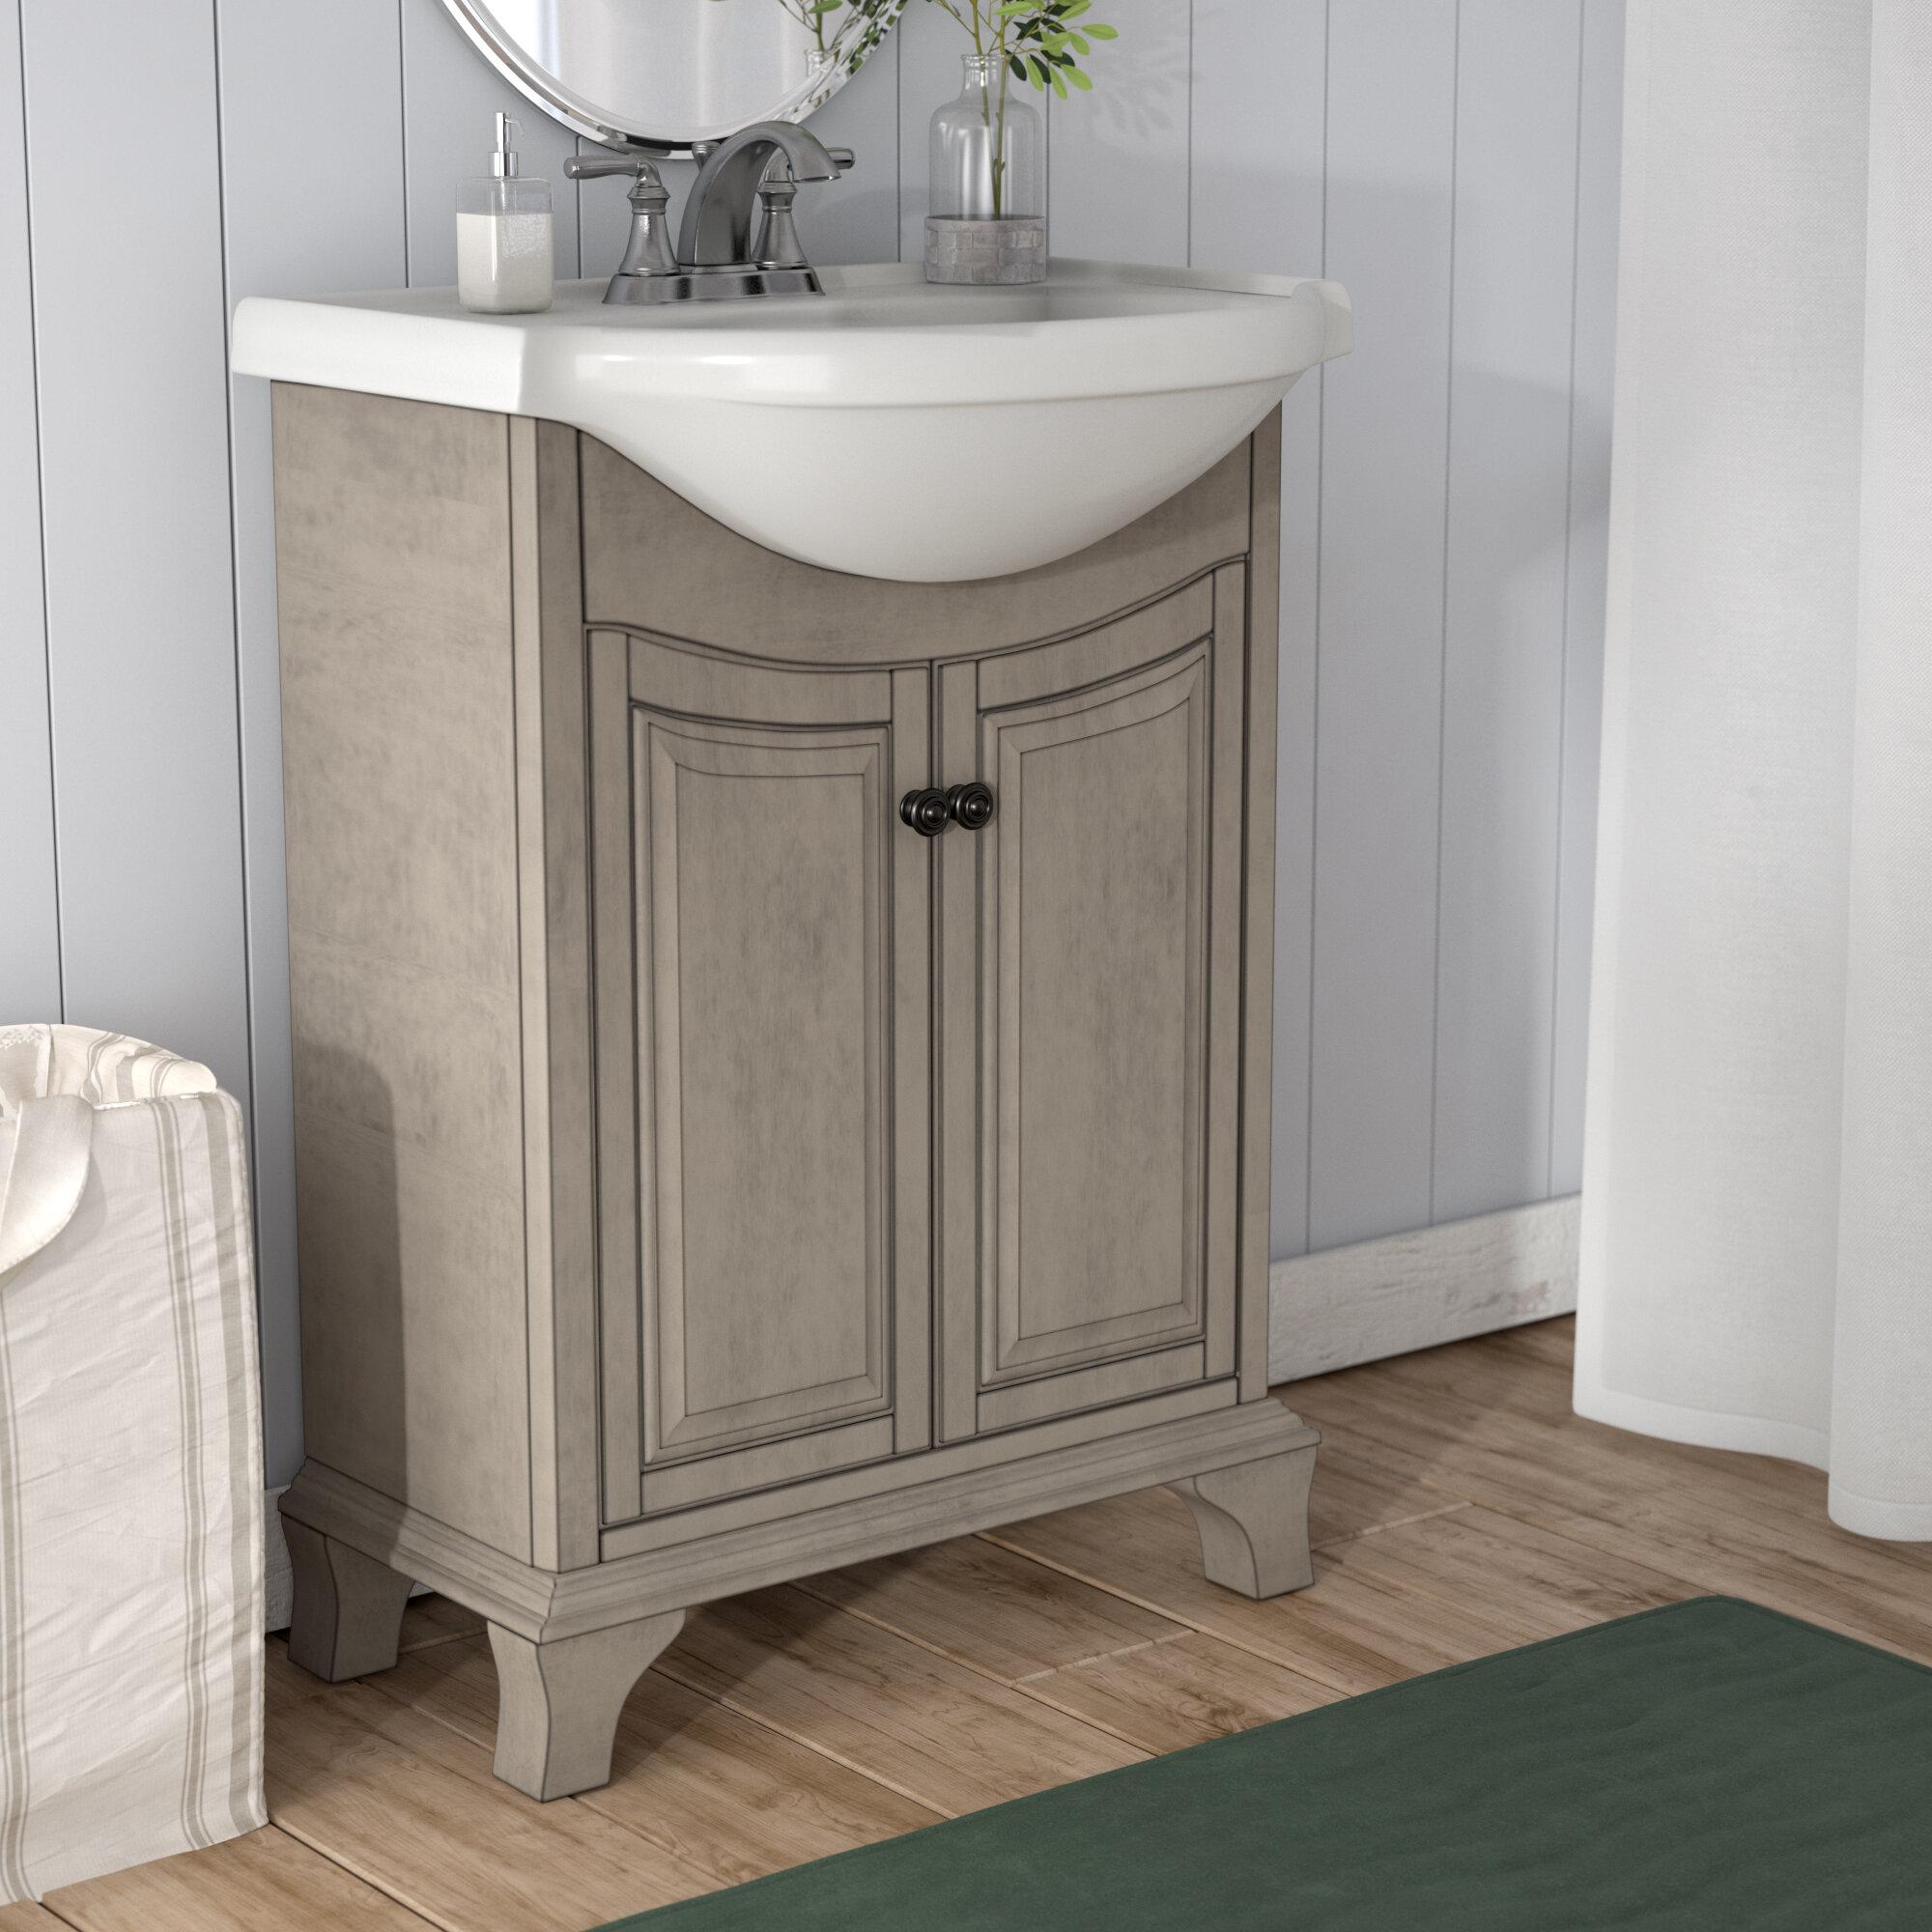 Beachcrest Home Orrick 26 Single Bathroom Vanity Set Reviews Wayfair